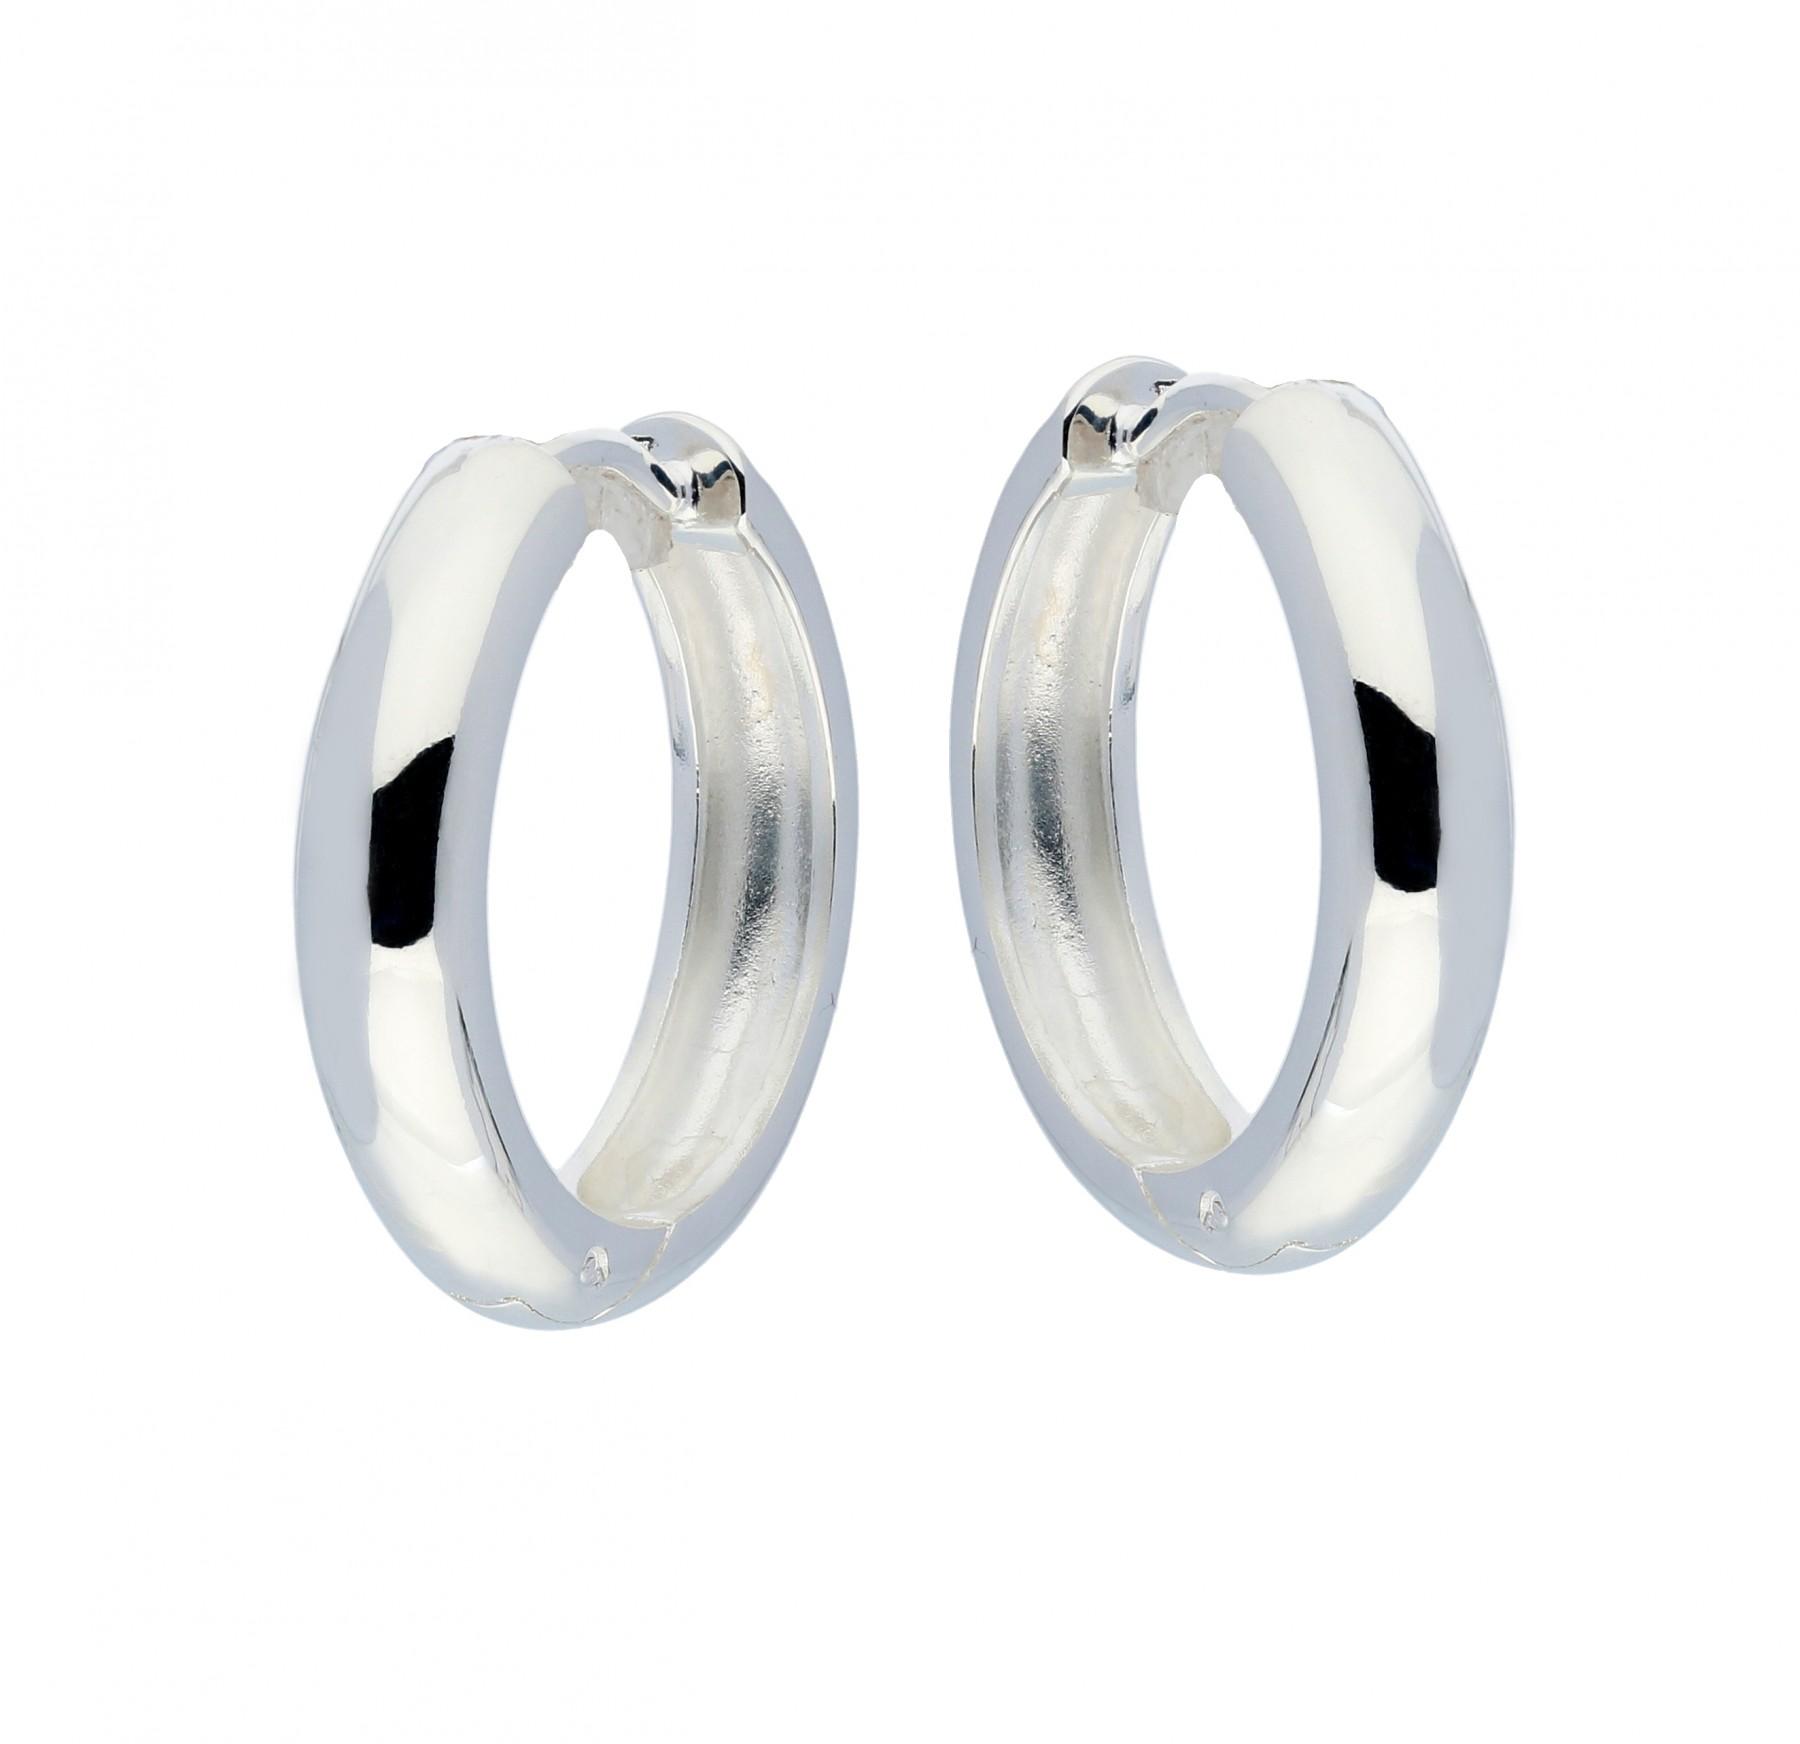 Zilveren klapcreolen - ronde buis 4 mm  107.0068.20